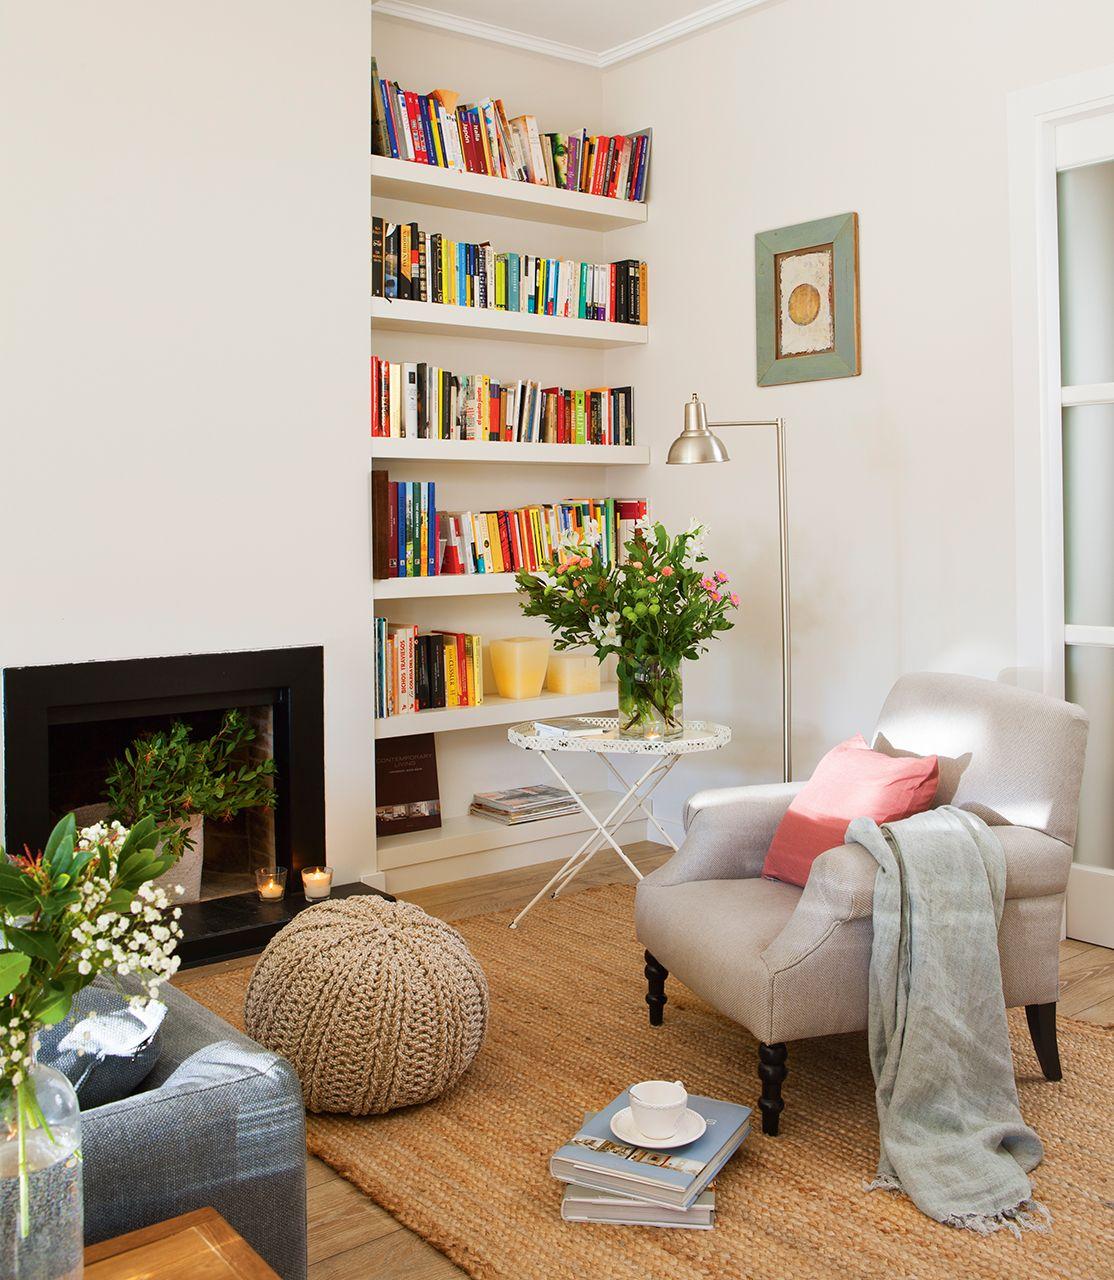 El rinc n de lectura rincones con encanto pinterest for Casa minimalista barcelona capital